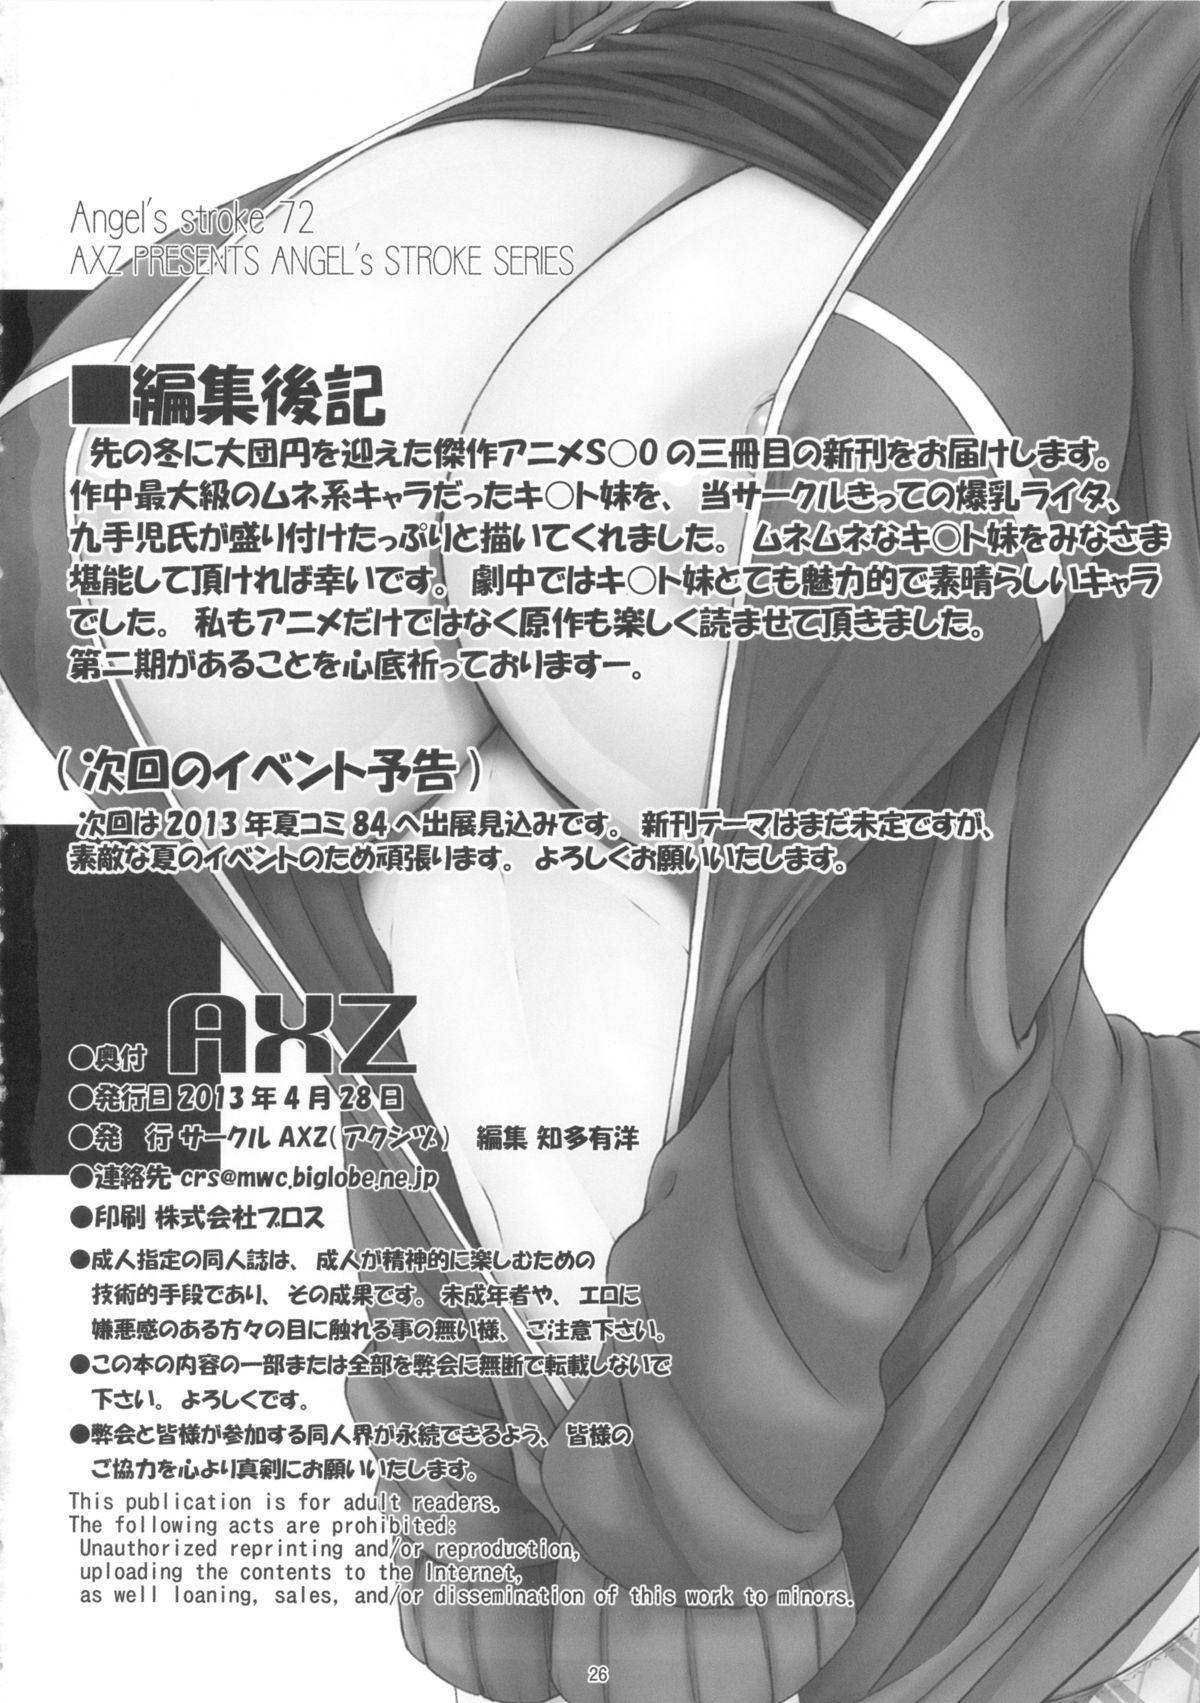 Angel's stroke 72 Suguha Scramble! Oniichan no Seiyoku Kanri 26